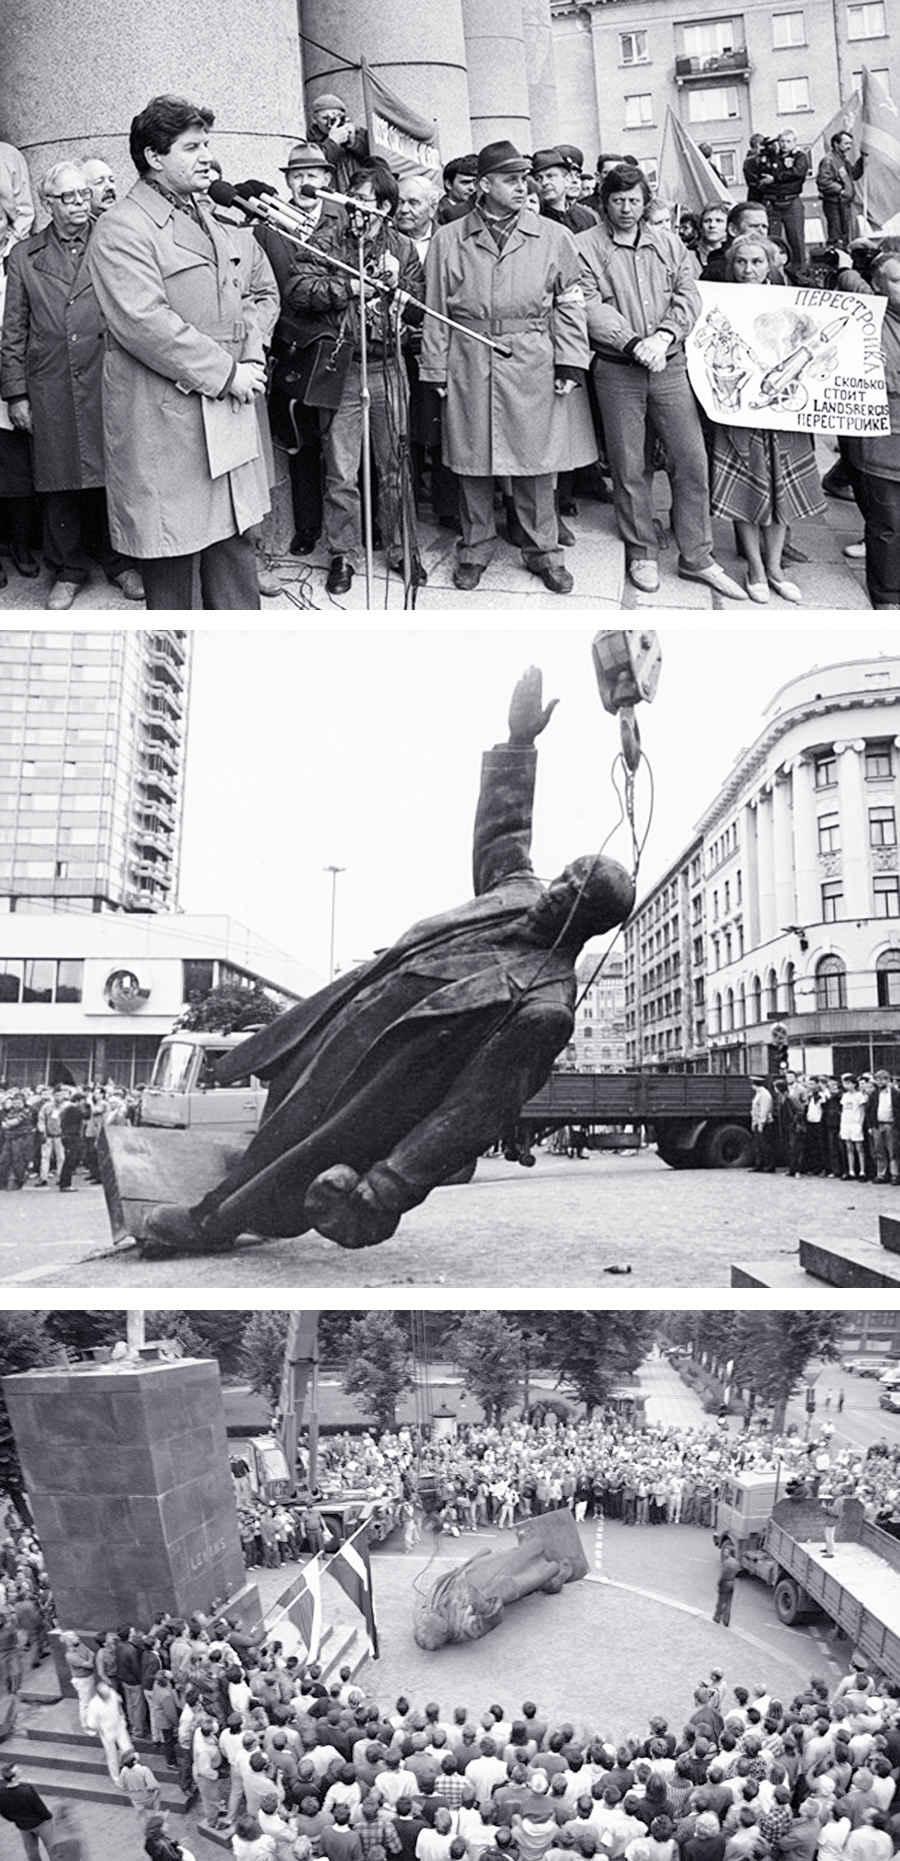 В Латвии сносят памятники Ленину - 1991 год